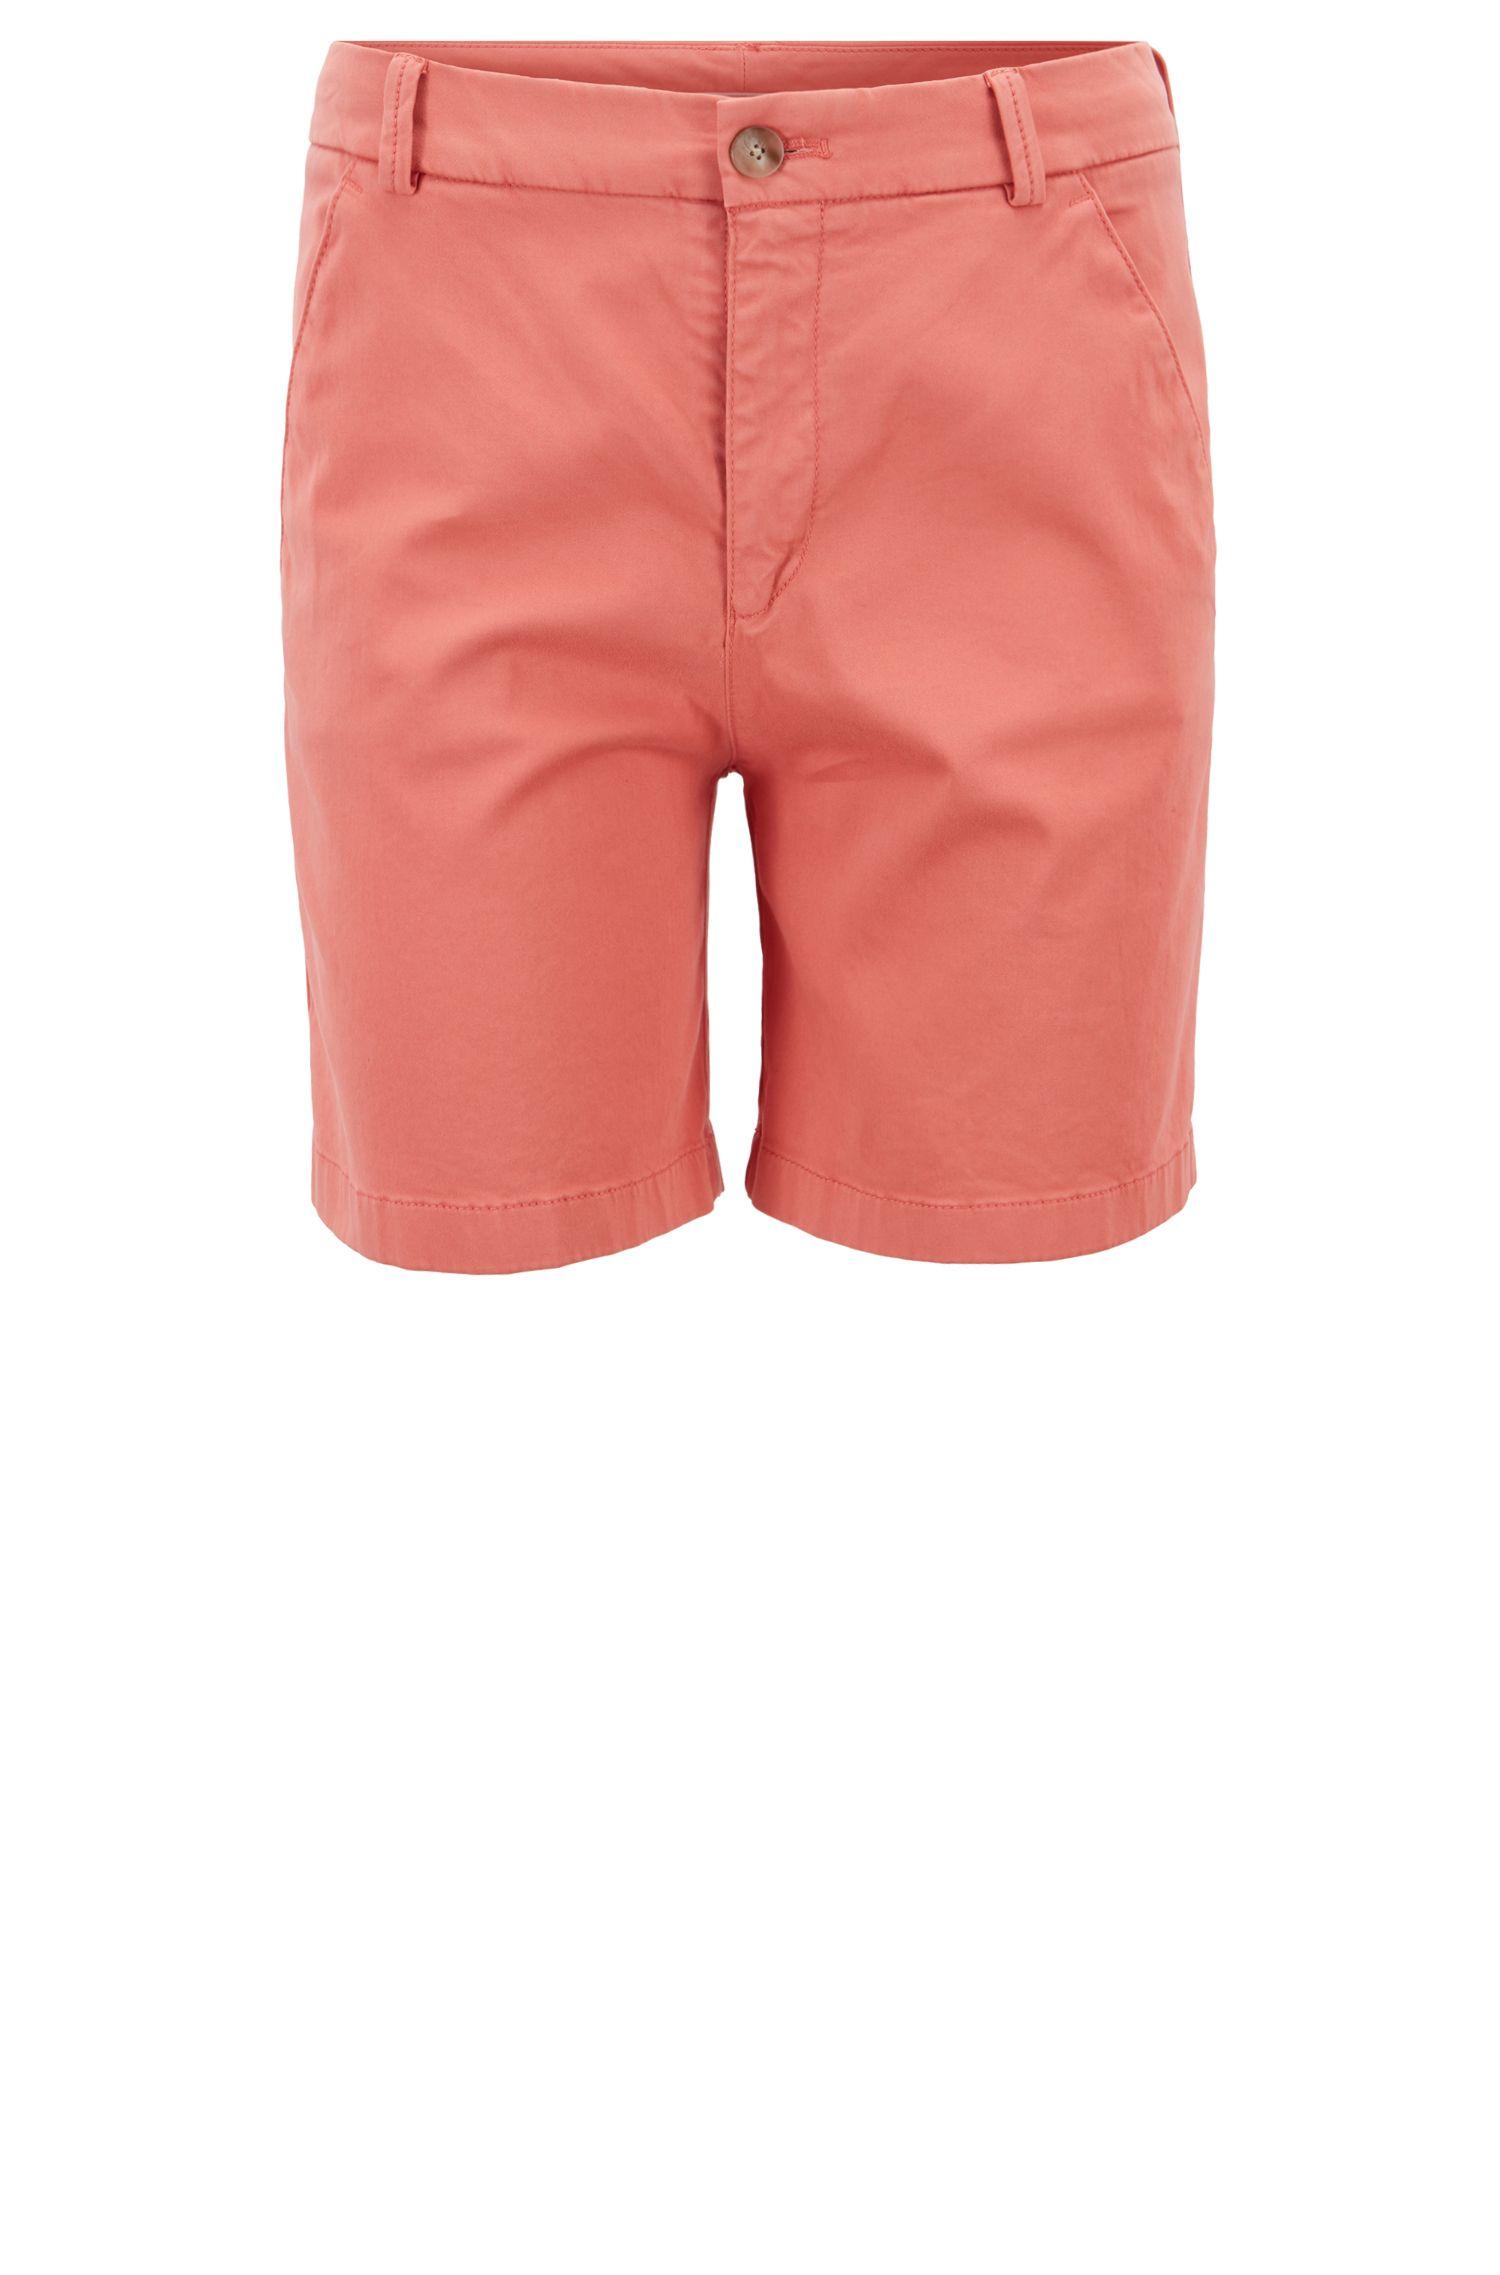 Pantaloncini regular fit in cotone elasticizzato effetto satin, Arancio chiaro